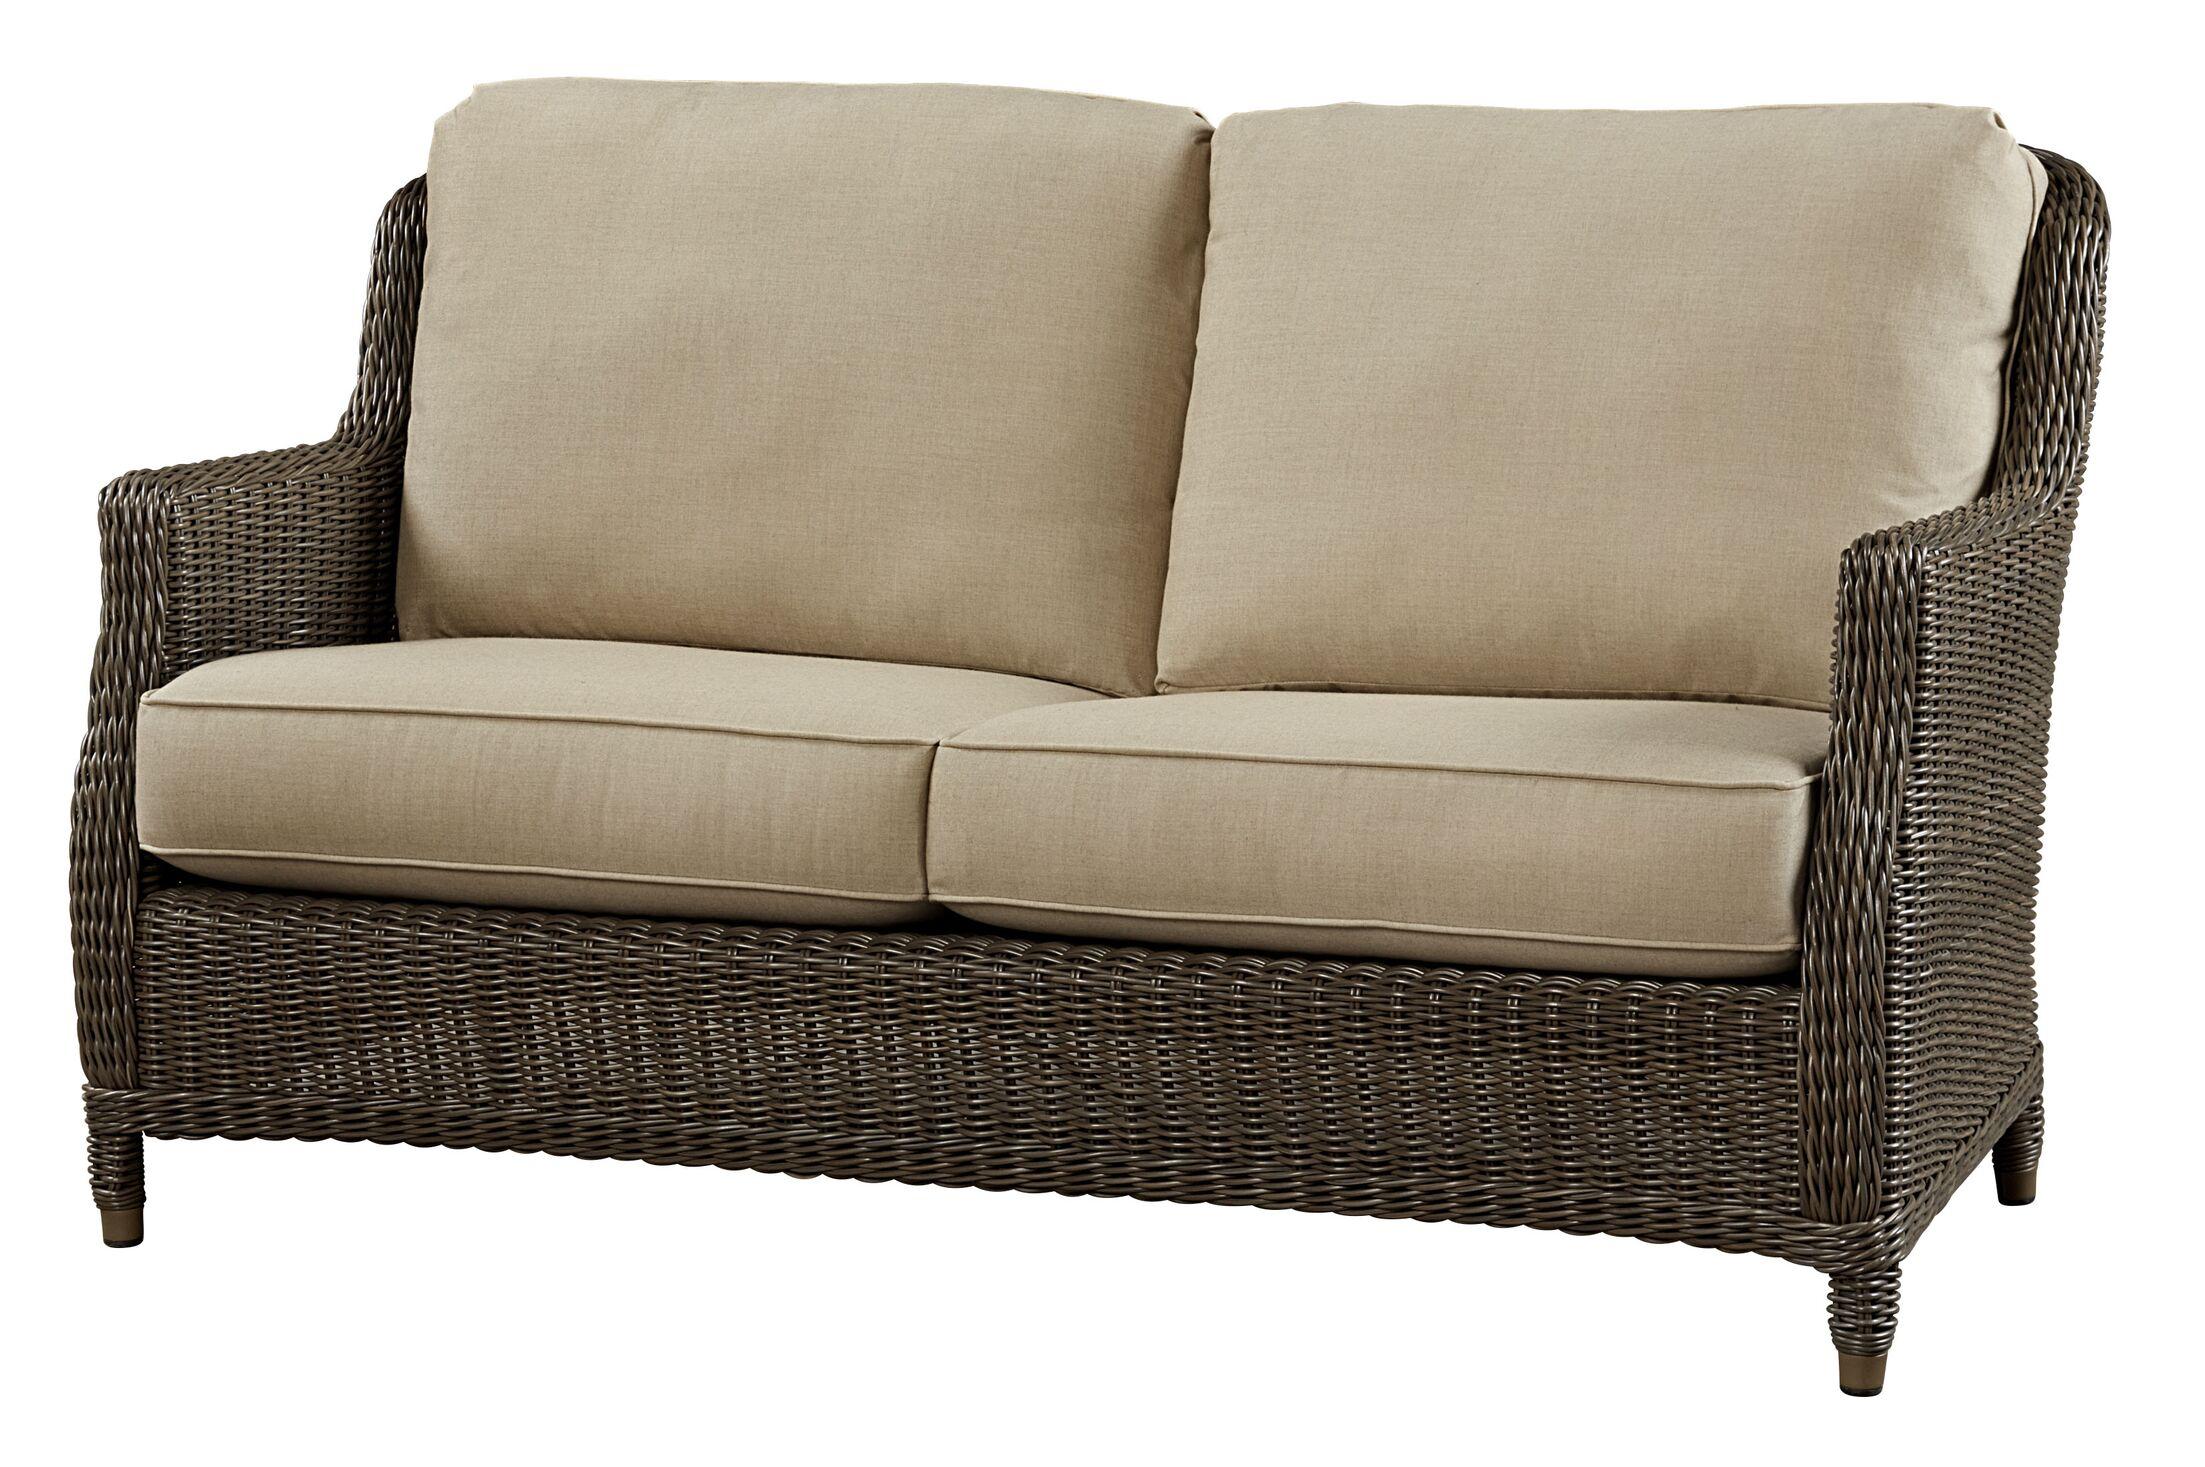 Sofa with Cushion Fabric: Canvas Air Blue